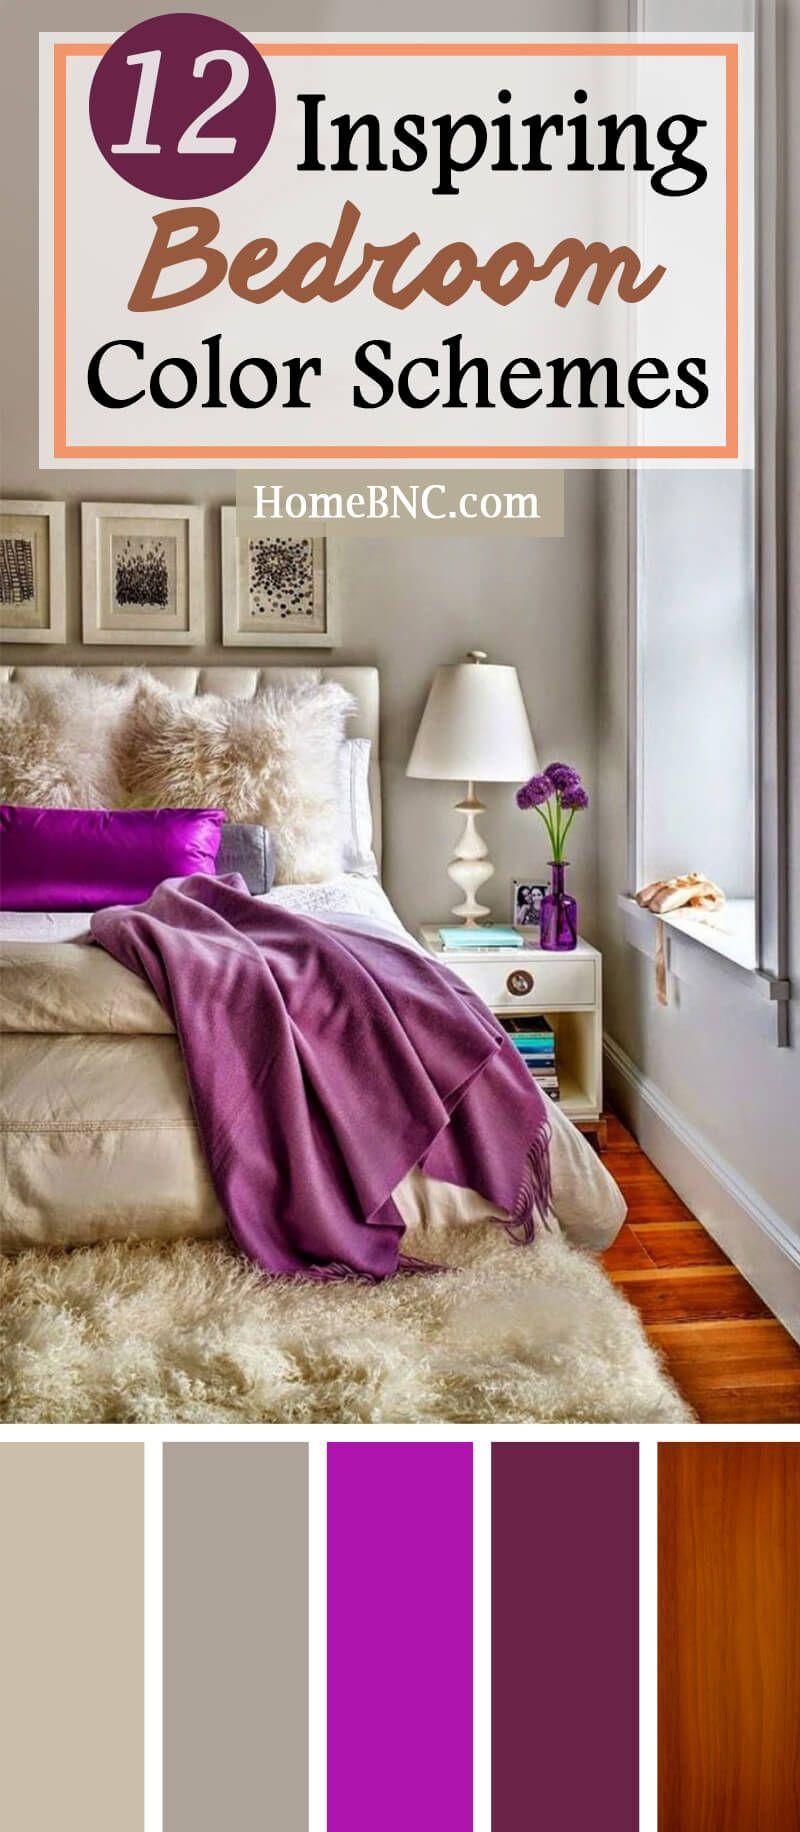 Innenarchitektur von schlafzimmermöbeln  wunderschöne schlafzimmer farbschemata die ihnen inspiration zu